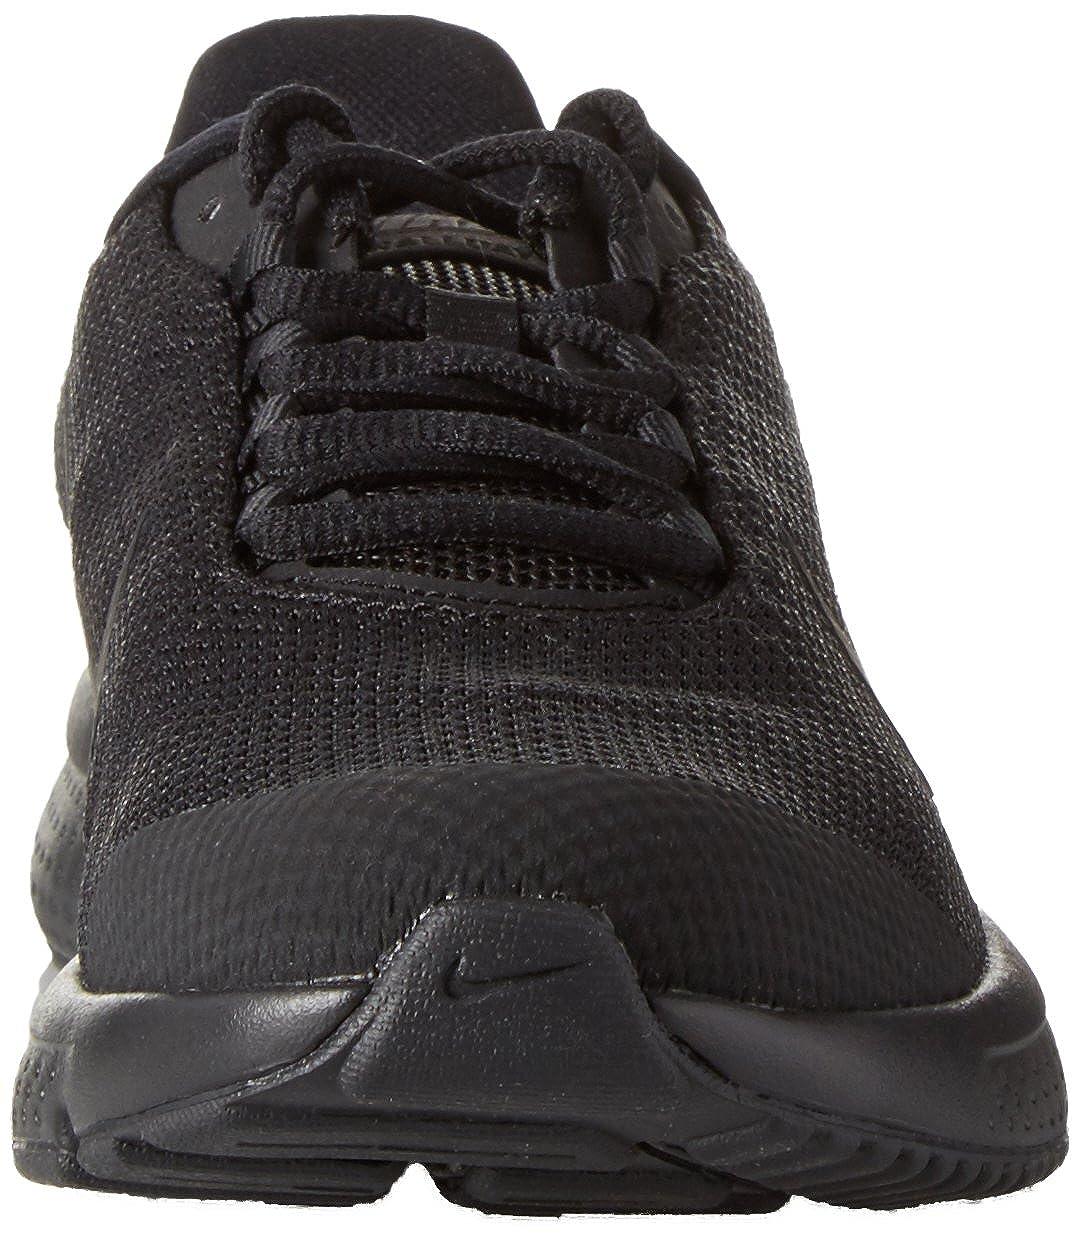 Nike HommeChaussures Sacs RunalldayChaussures Trail de et yOvmN80Pwn